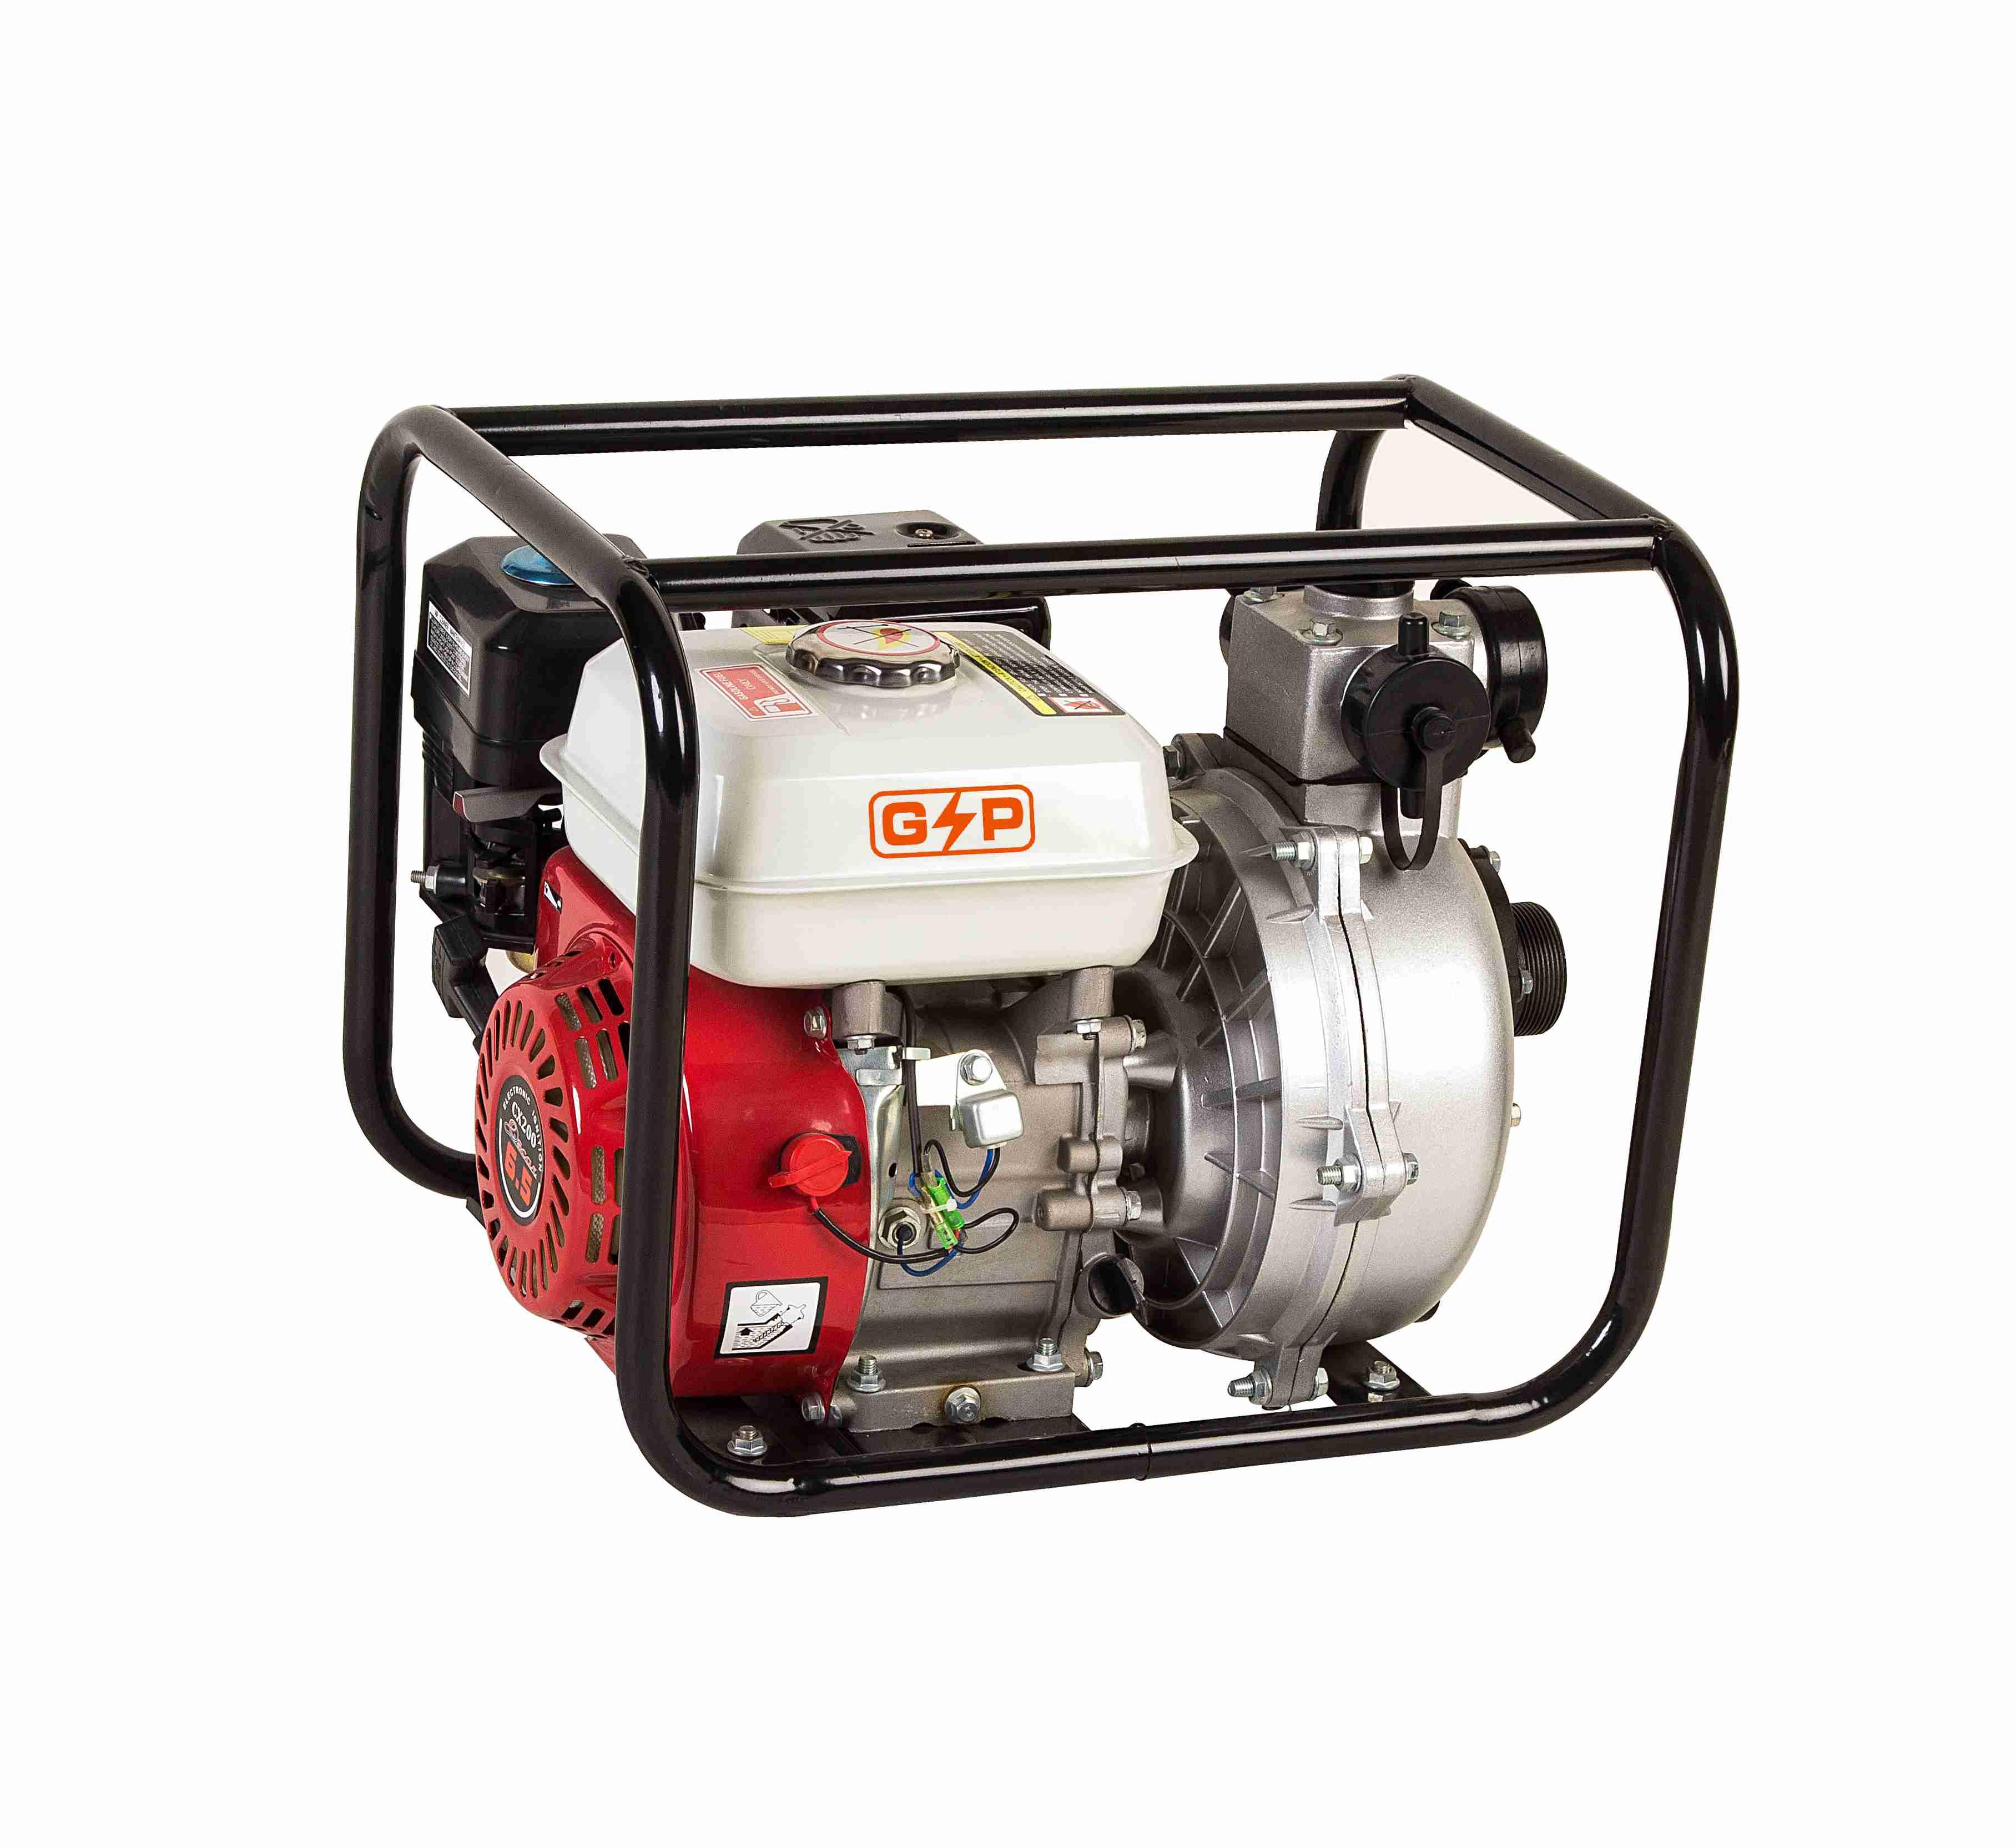 3寸汽油水泵自吸泵便携式小型家用农用灌溉排涝清水泵